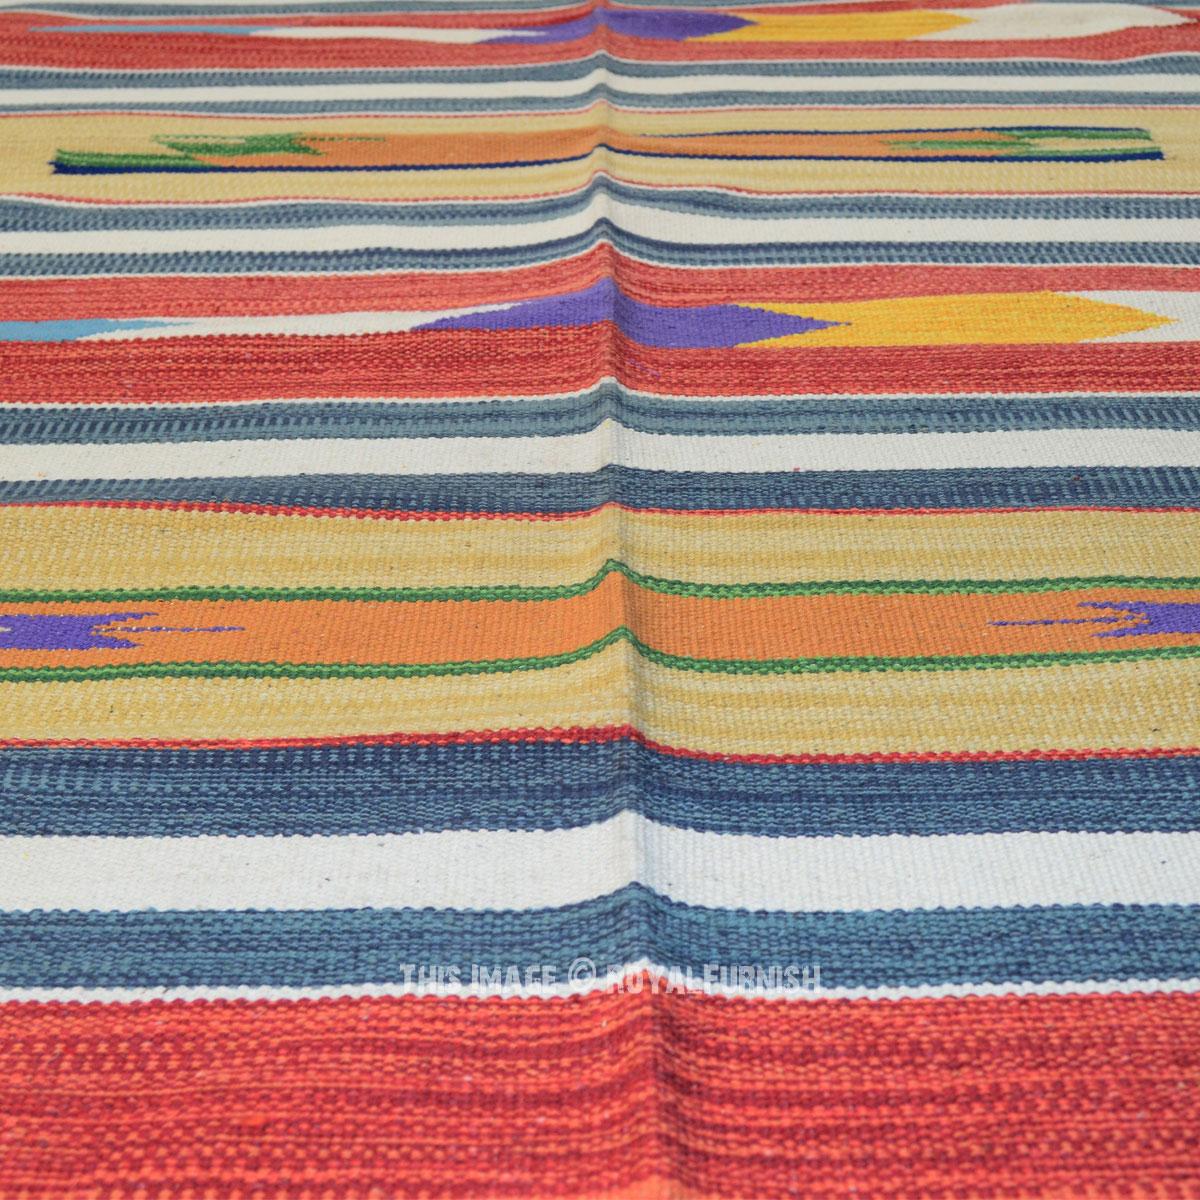 Beige Amp Maroon Hand Woven India Geometric Kilim Rag Rug